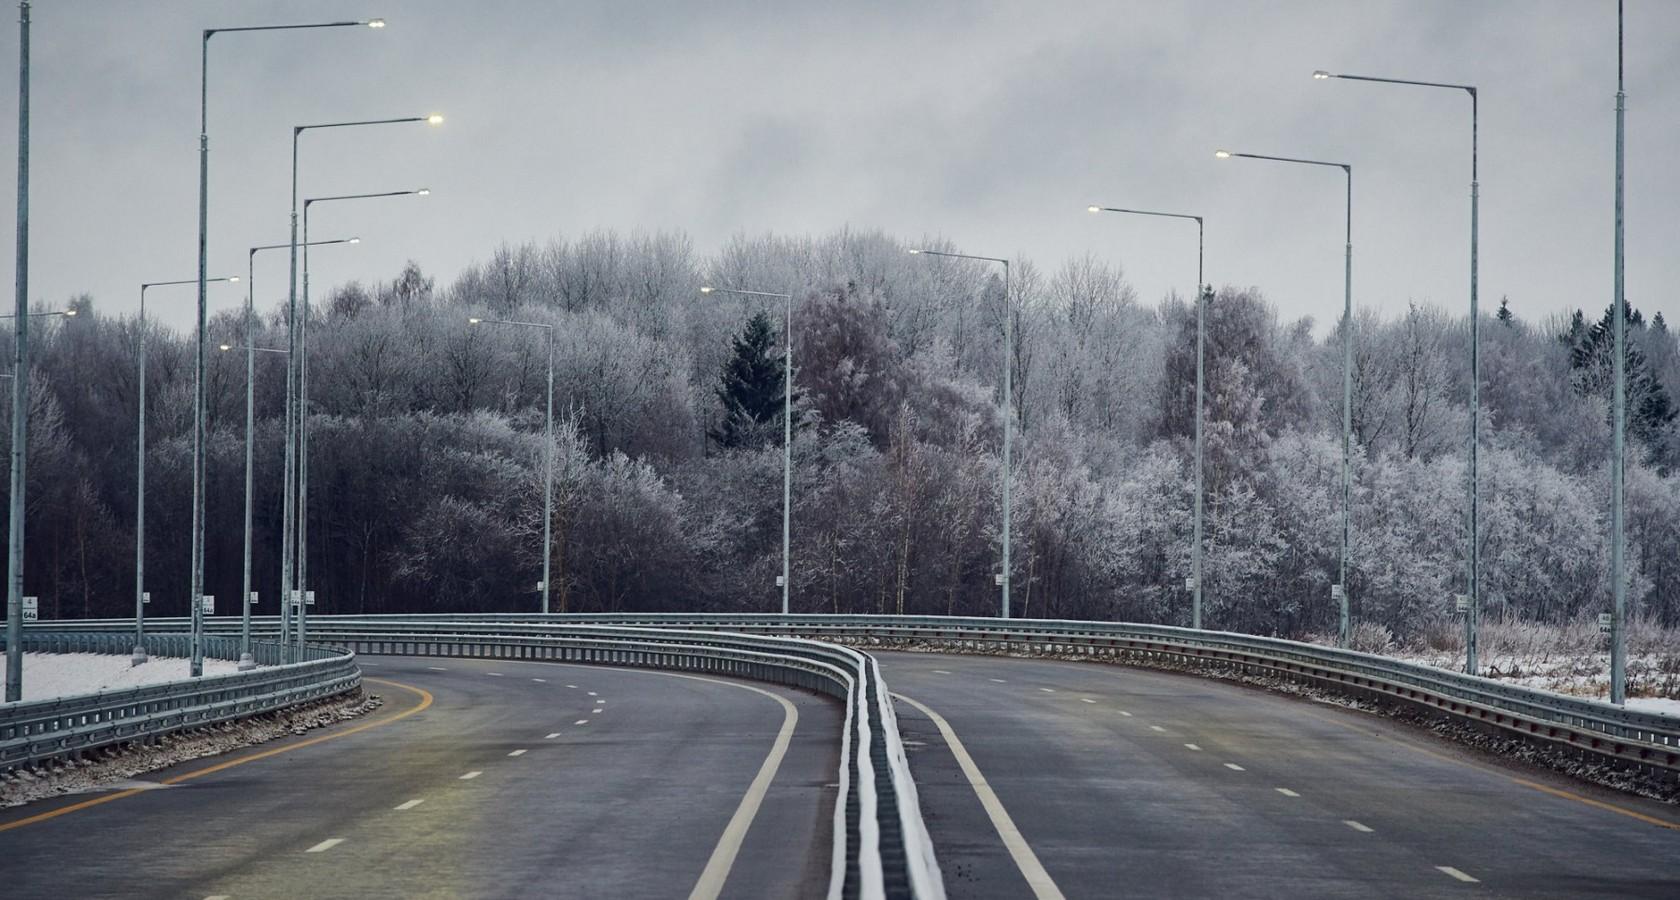 Полностью скоростная автомобильная дорога М-11 Москва — Санкт-Петербург будет сдана в эксплуатацию осенью 2018 года (фото: Минтранс)